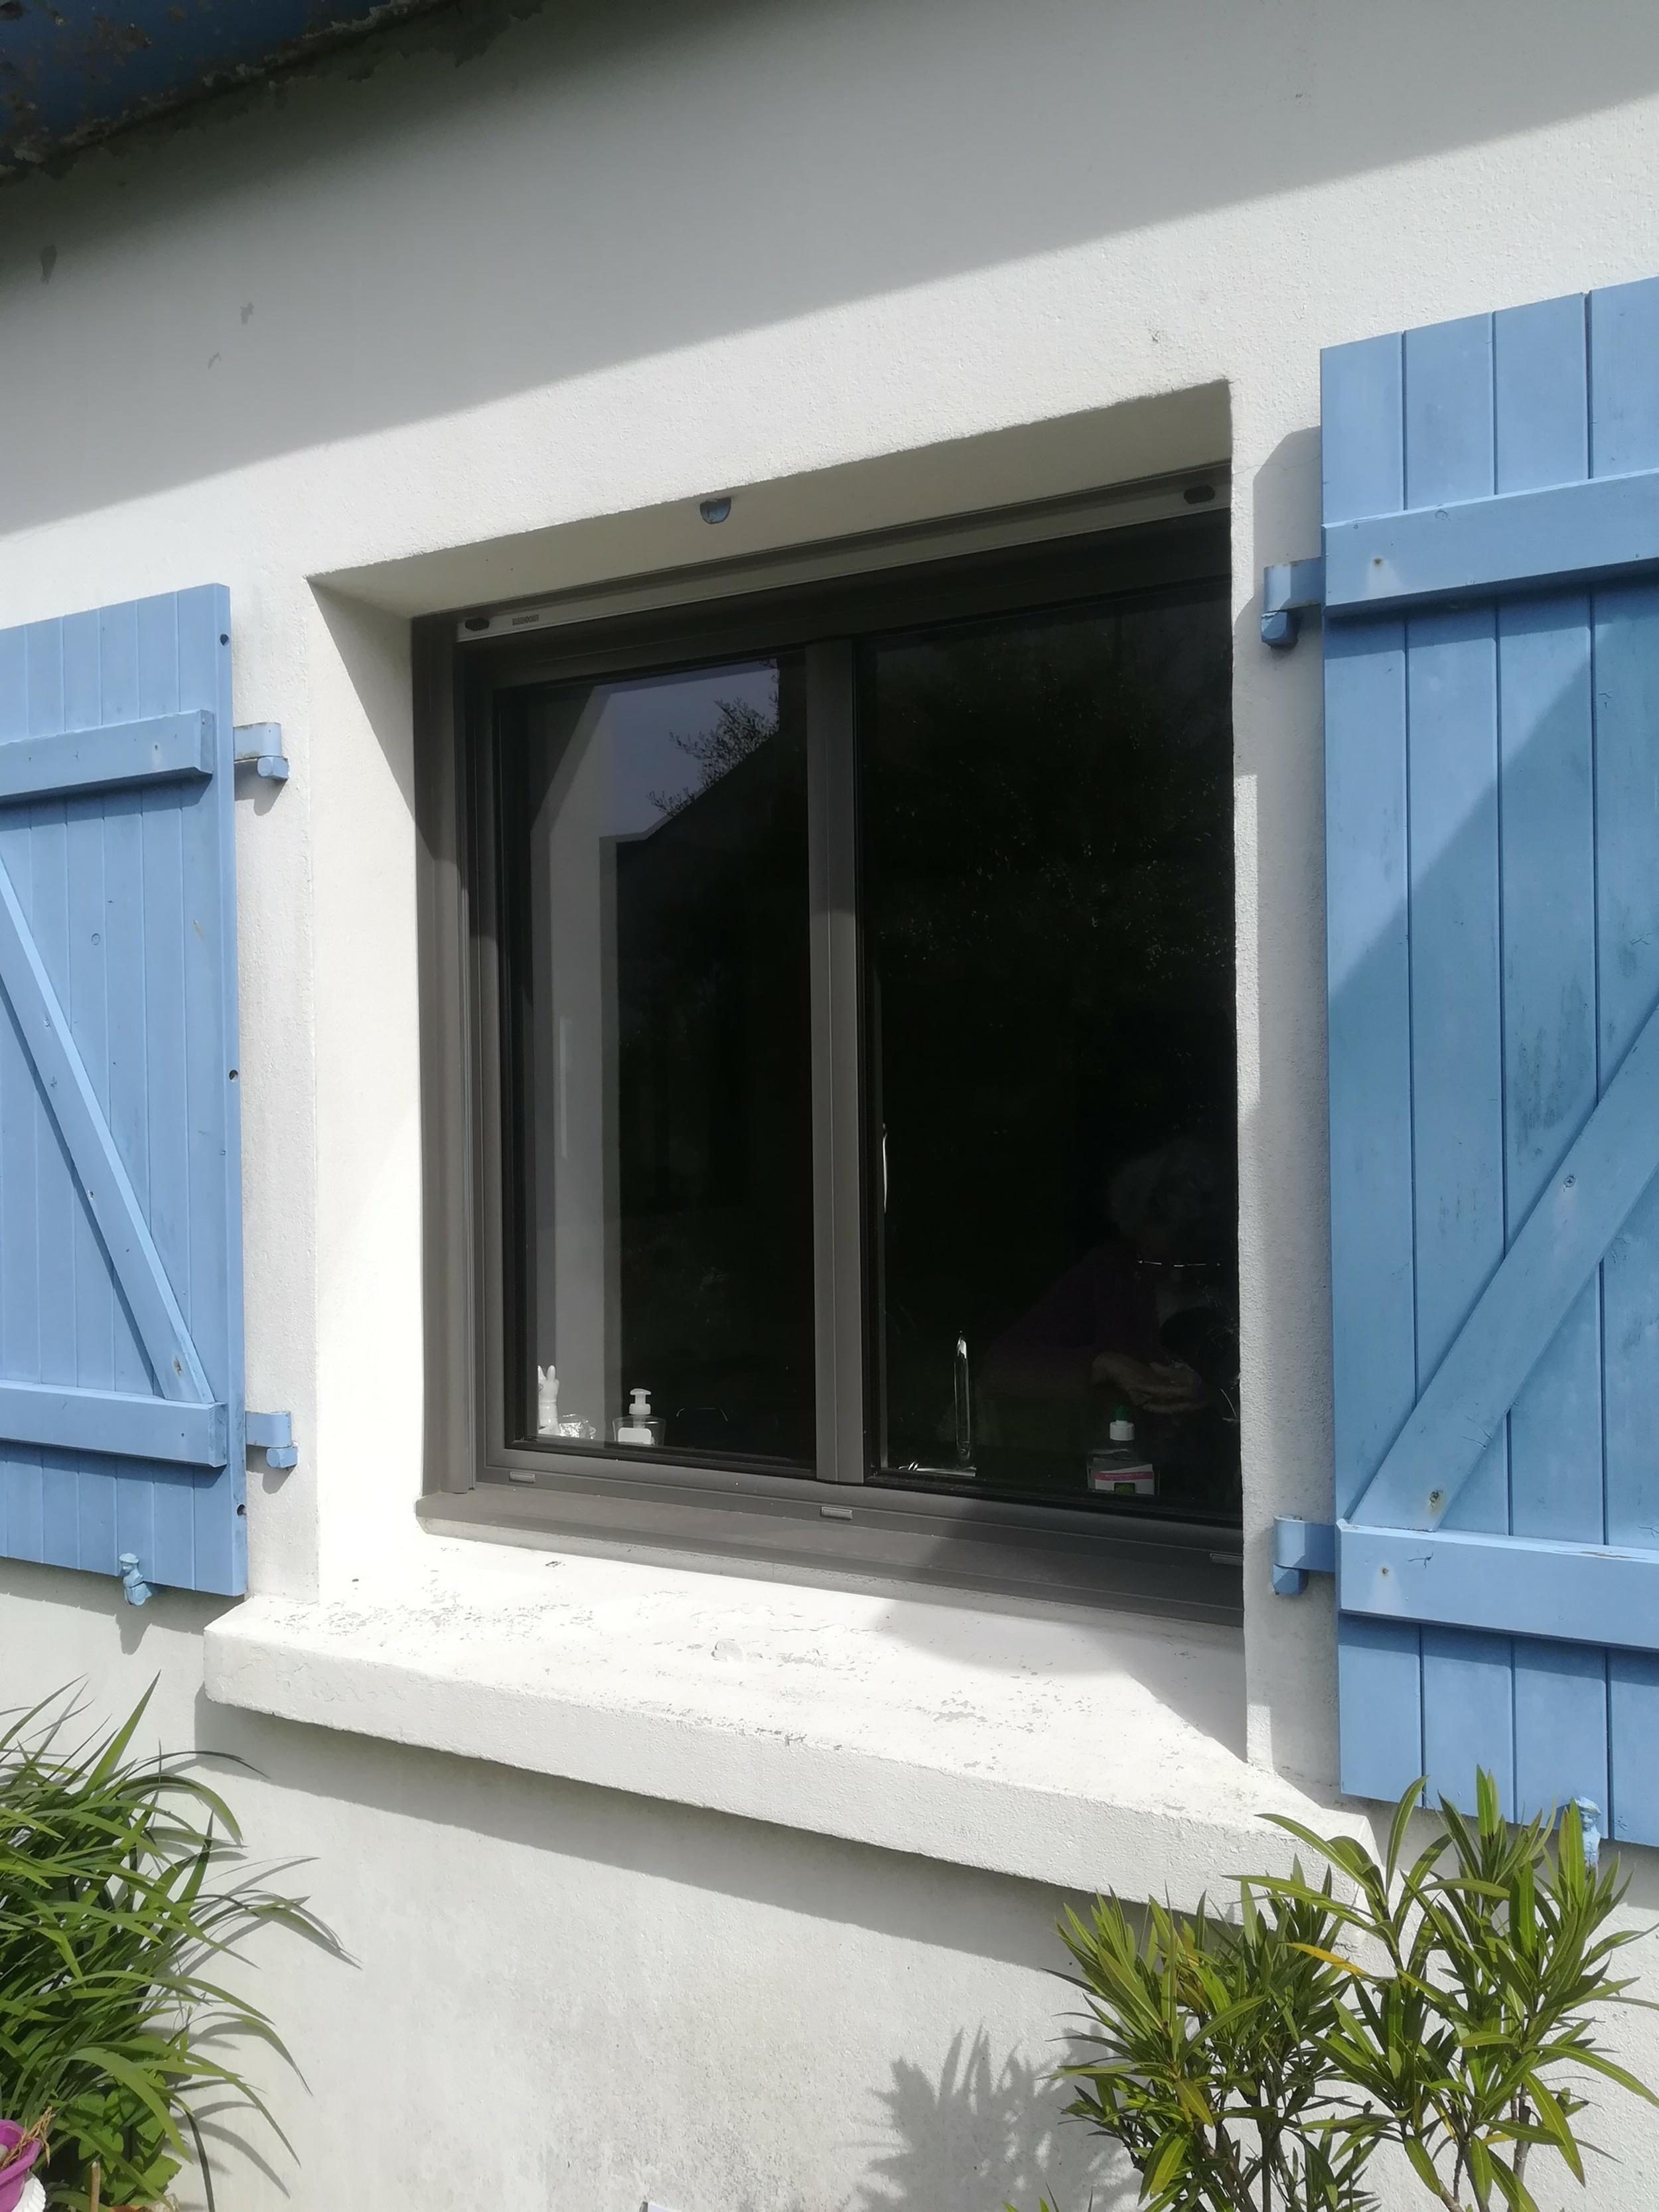 Rénovation fenêtre coulissante alu et fenêtre fixe